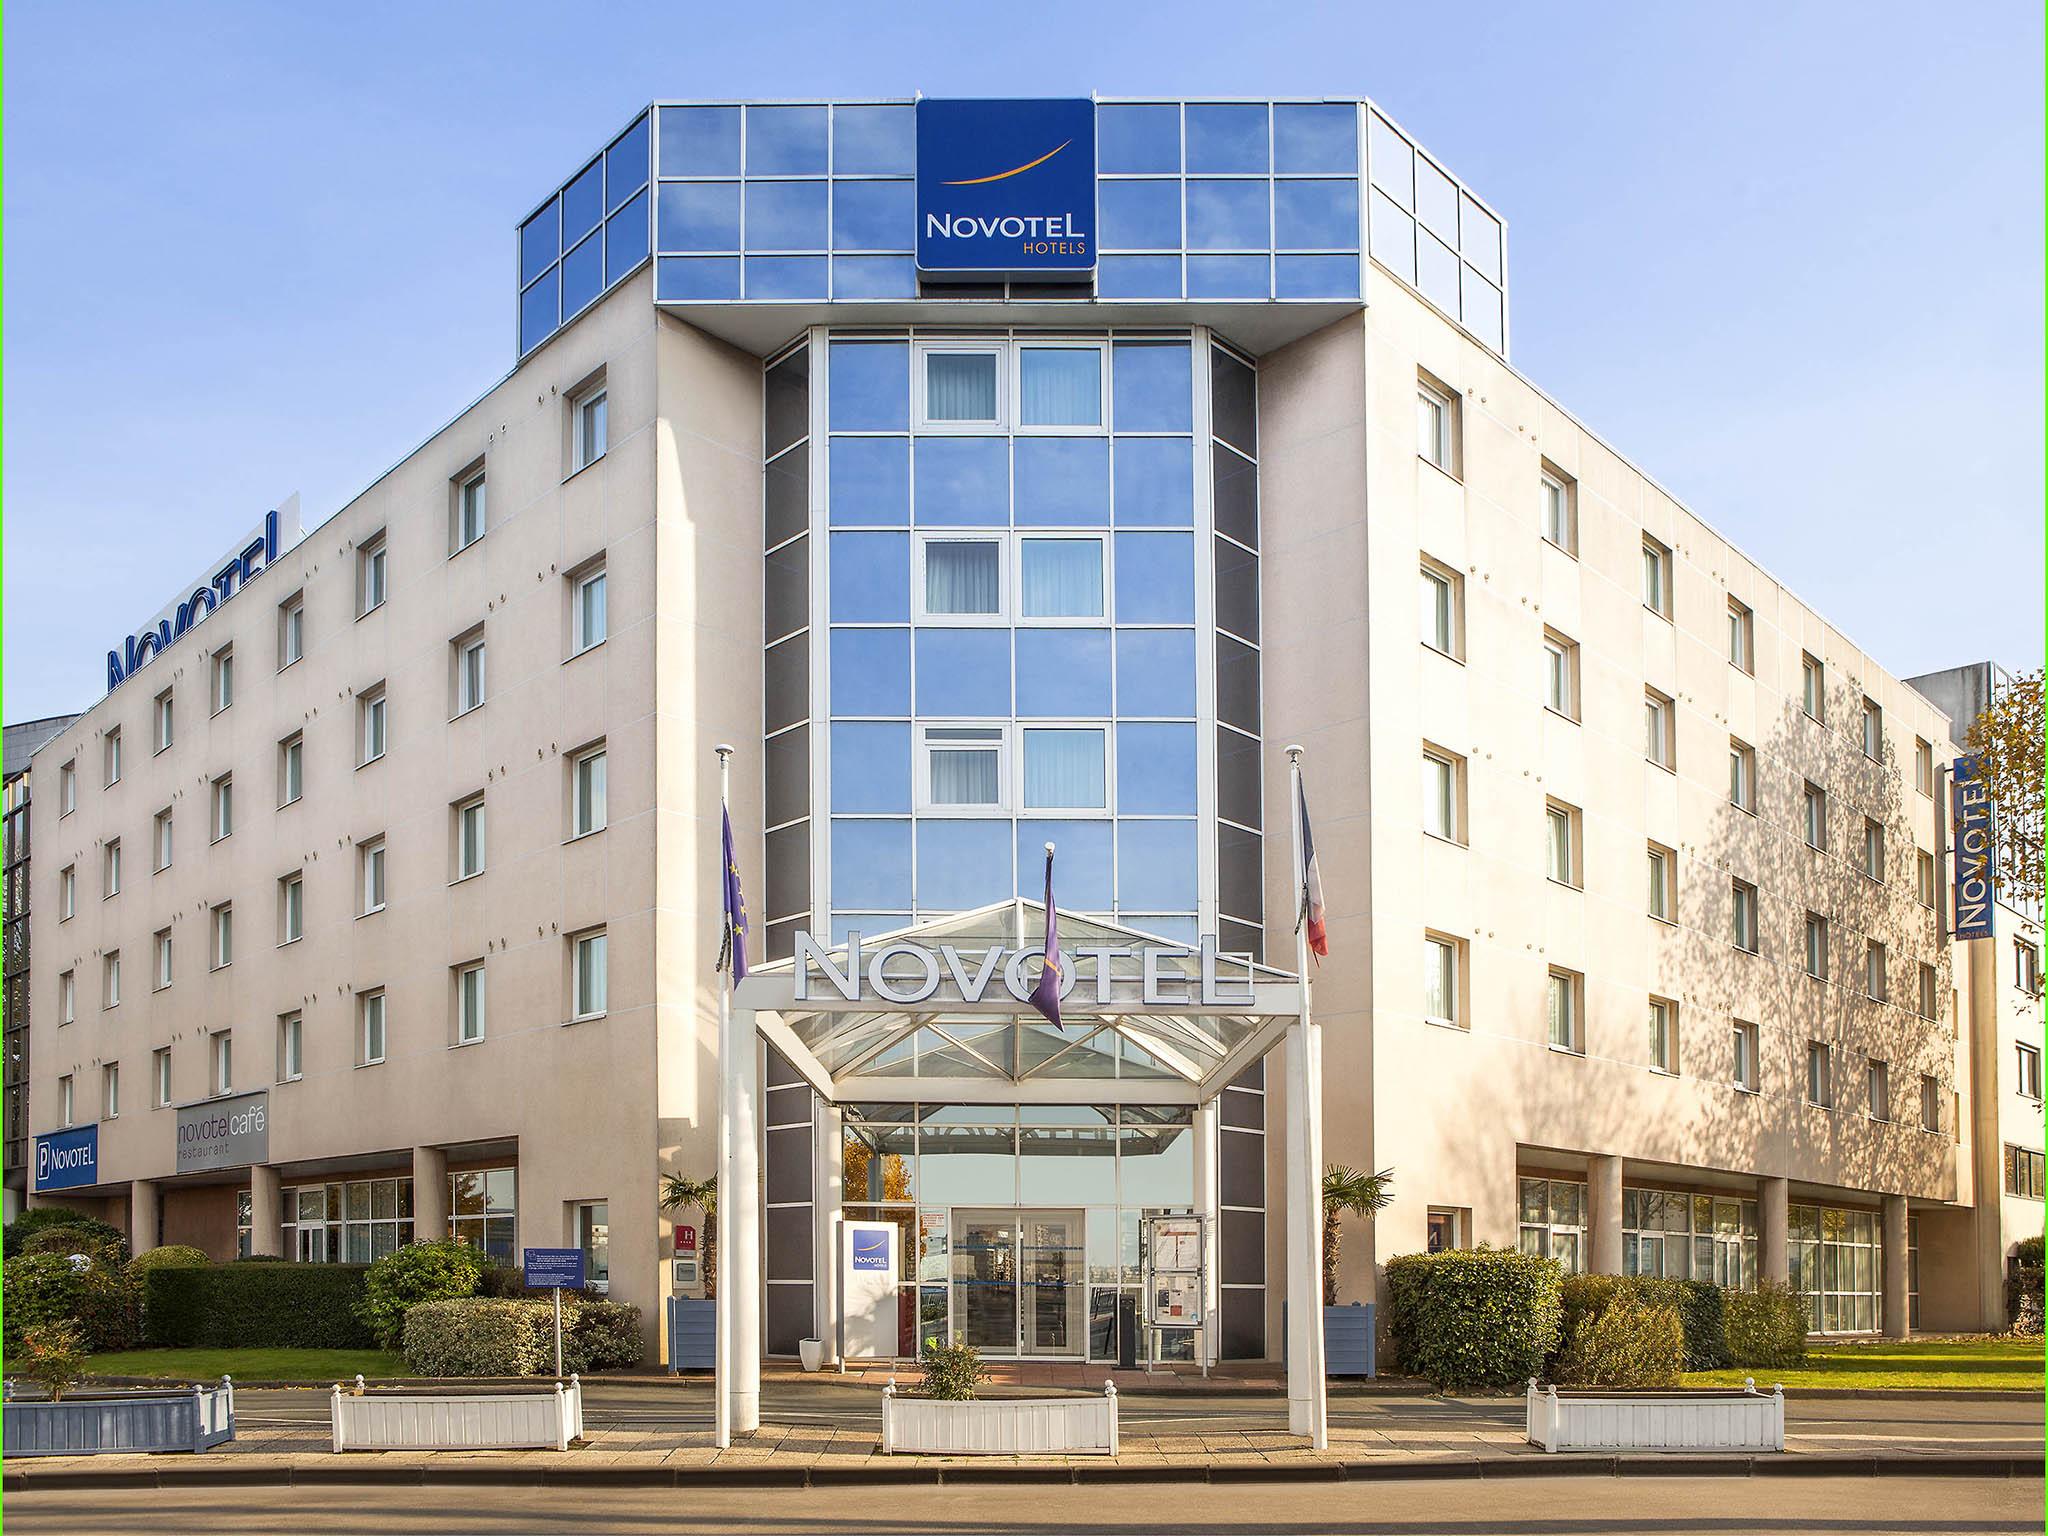 Hôtel - Novotel Nantes Centre Bord de Loire